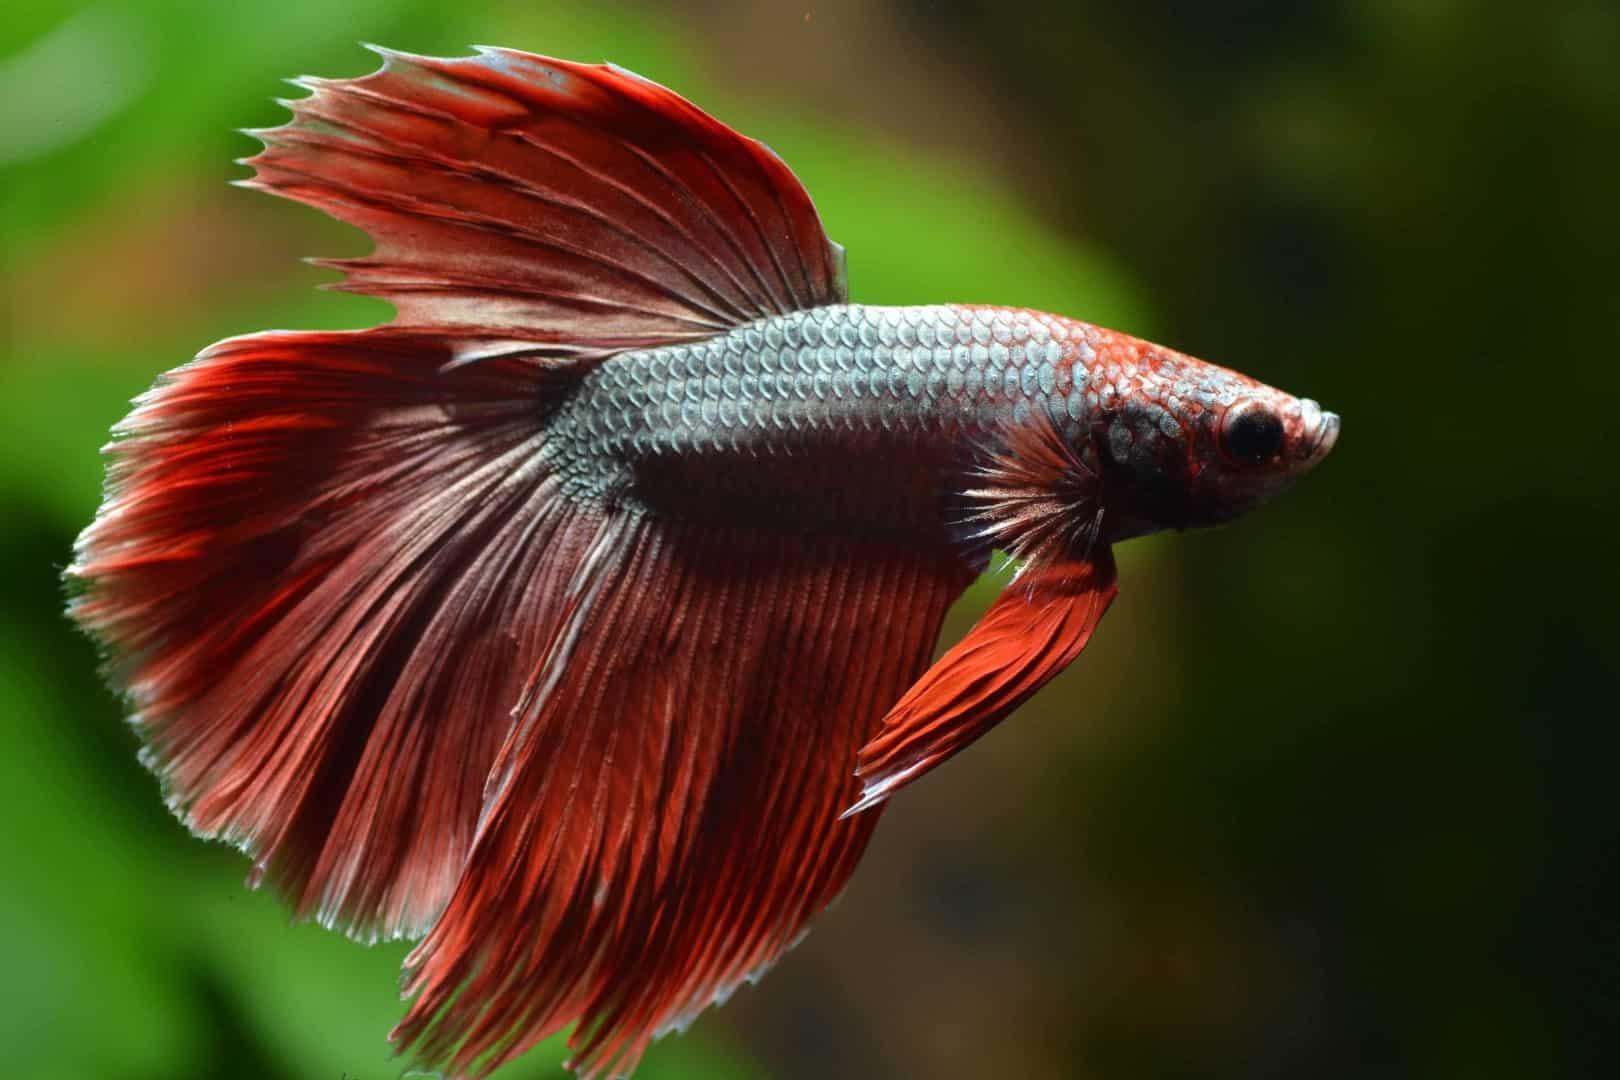 Verbreitete Missverständnisse in der Aquaristik 15